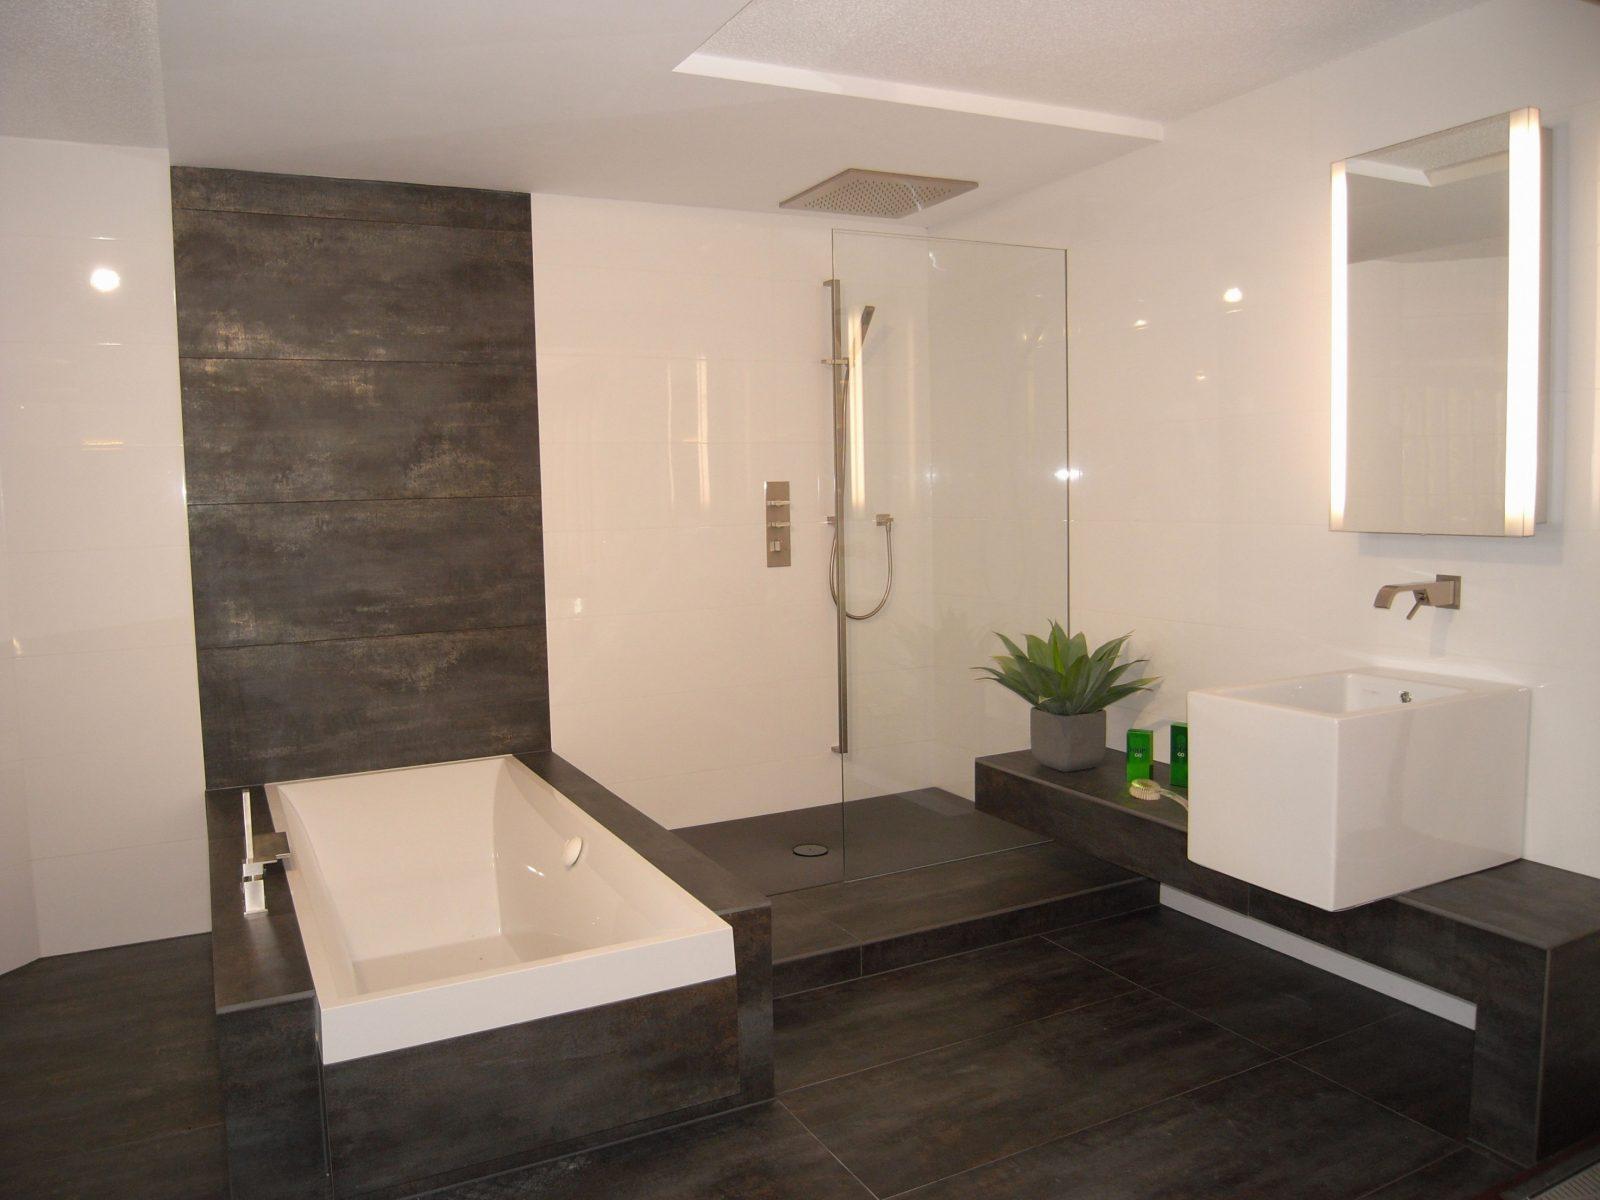 Bad Fliesen Überkleben — Temobardz Home Blog von Badezimmer Fliesen Ideen Bild